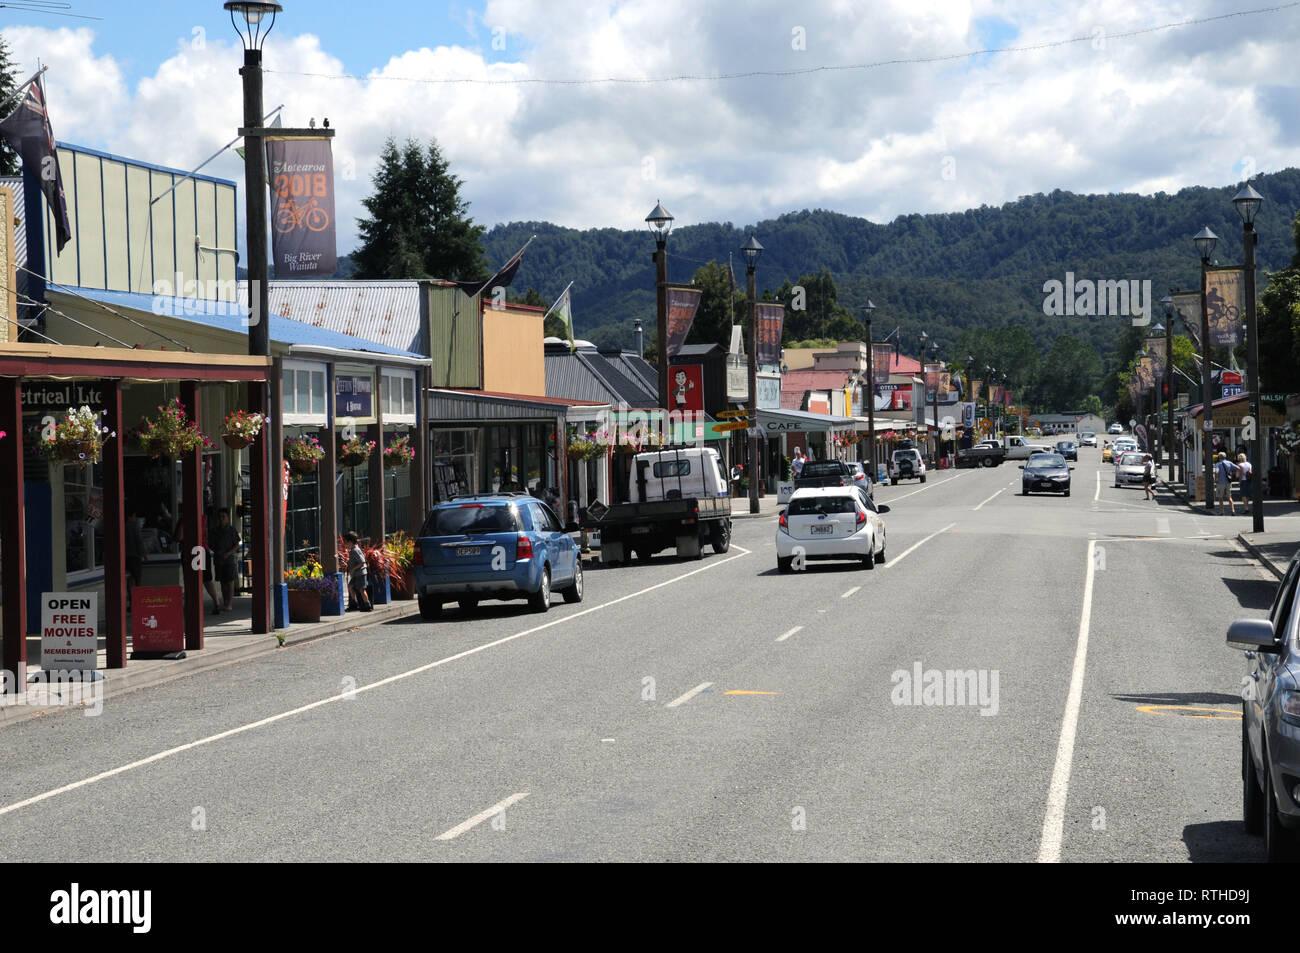 Calle principal Reefton en la región de la Costa Oeste, OD, Isla del Sur, Nueva Zelanda. La calle principal es un popular punto de parada para los turistas. Foto de stock